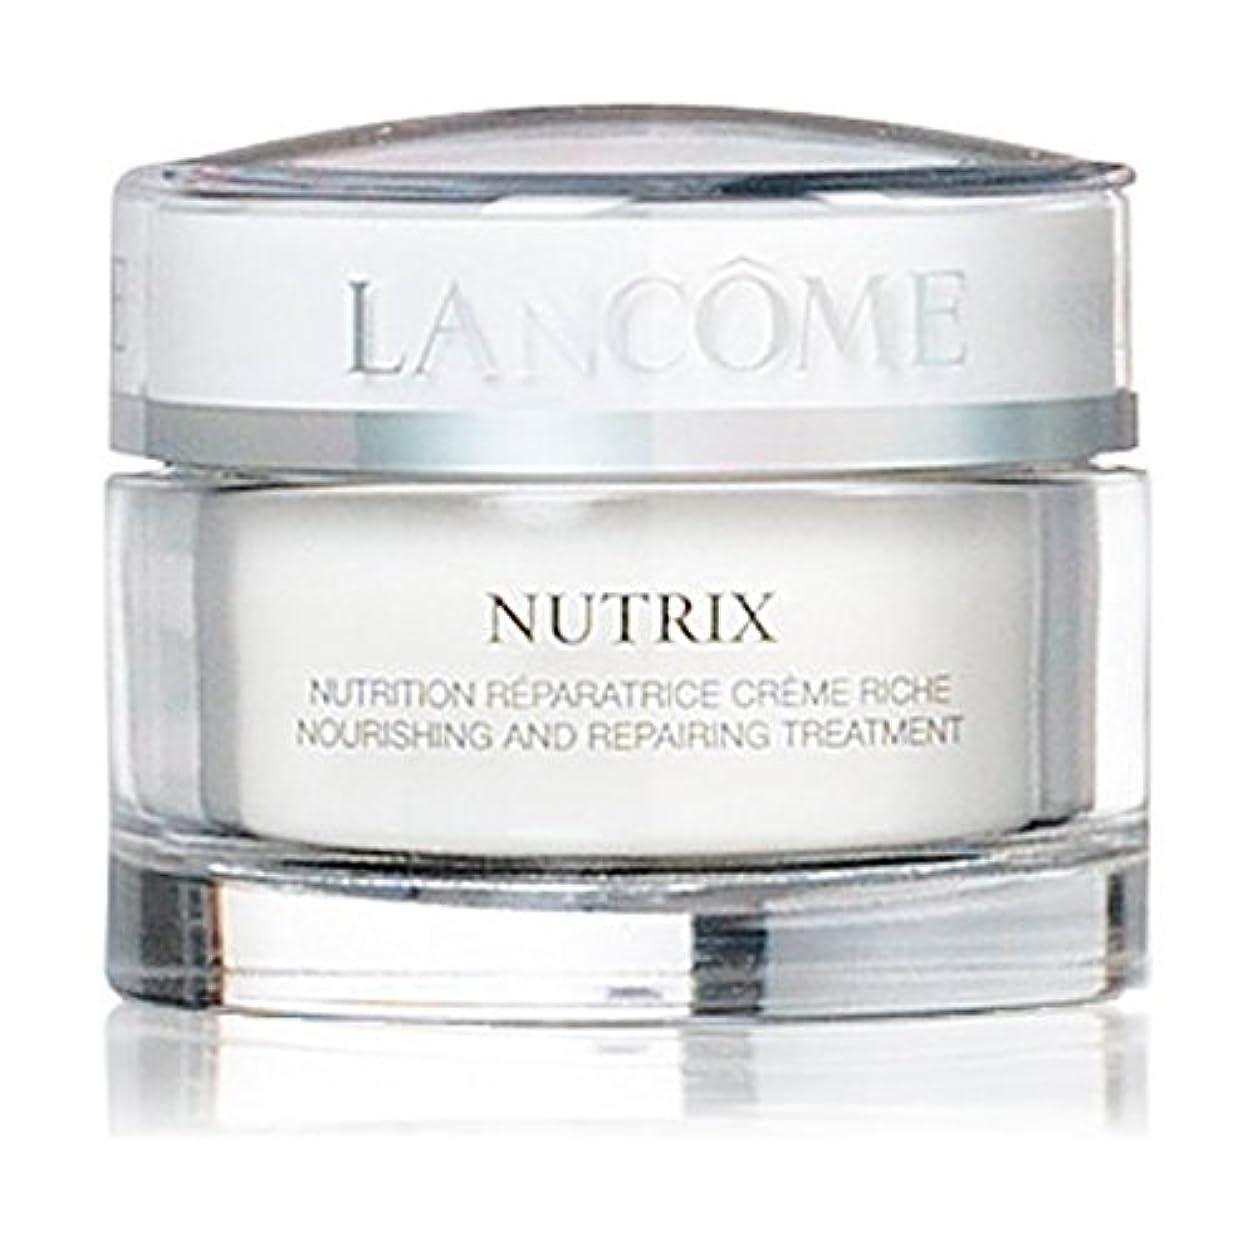 多用途加速度沼地ランコム Nutrix Nourishing And Repairing Treatment Rich Cream - For Very Dry, Sensitive Or Irritated Skin 50ml/1.7oz...